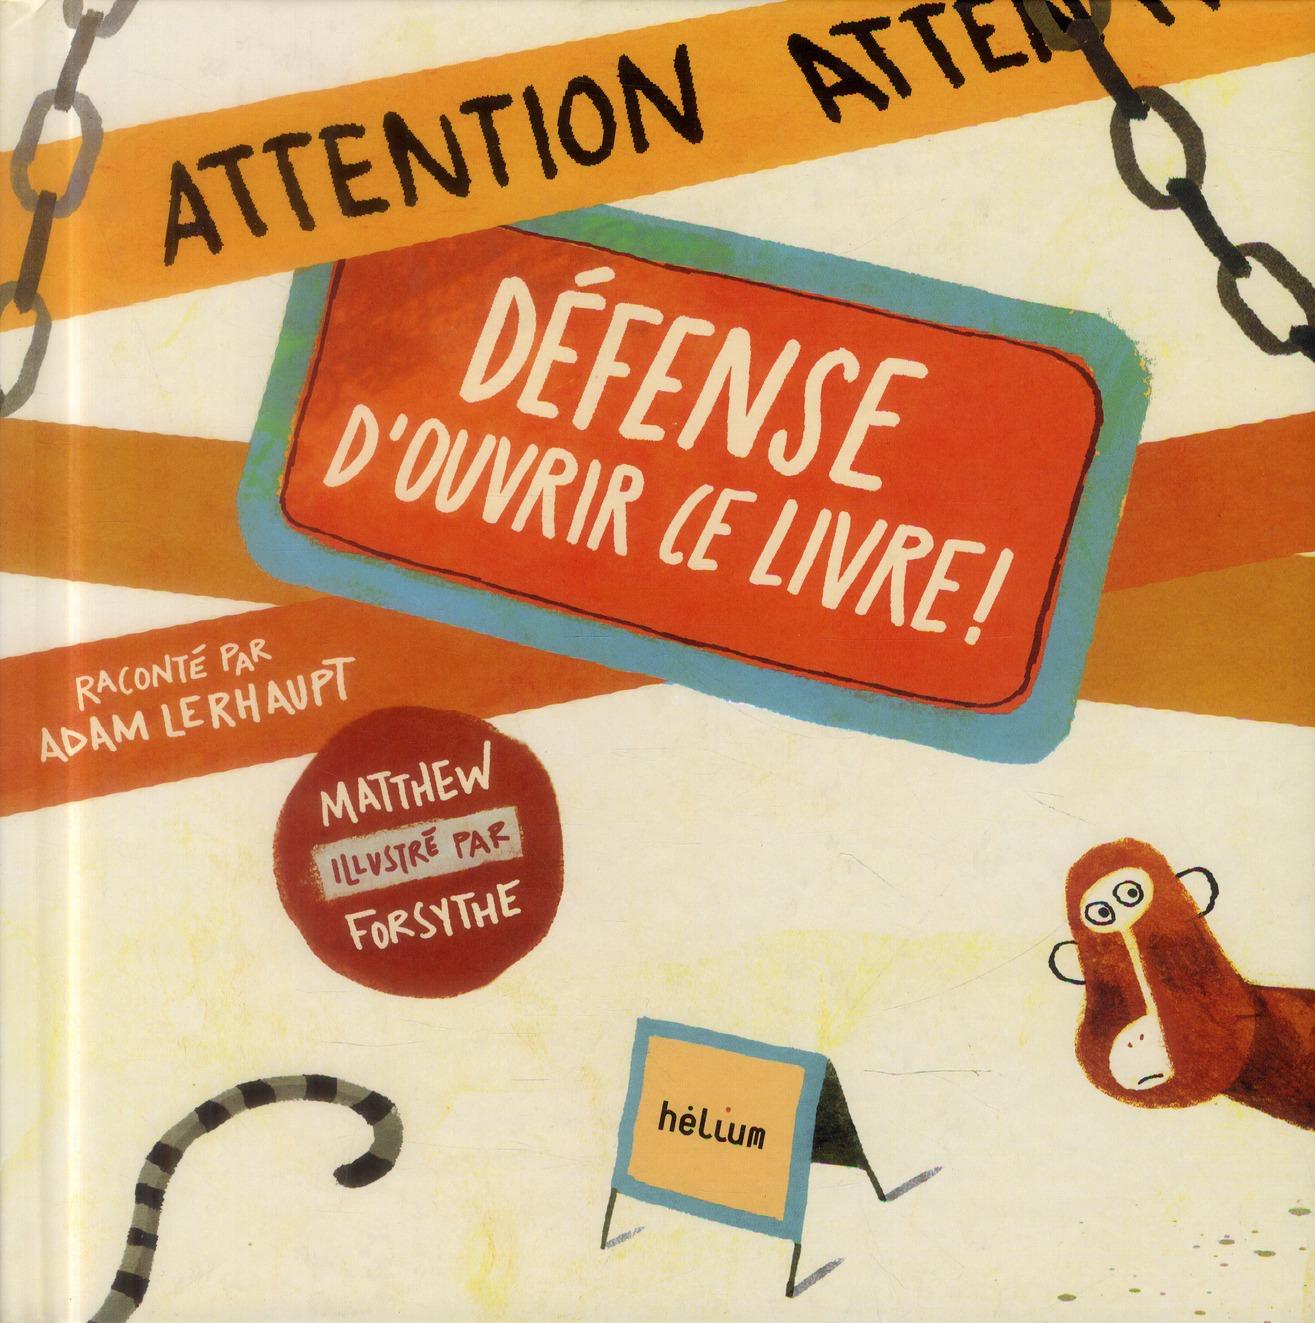 DEFENSE D'OUVRIR CE LIVRE !